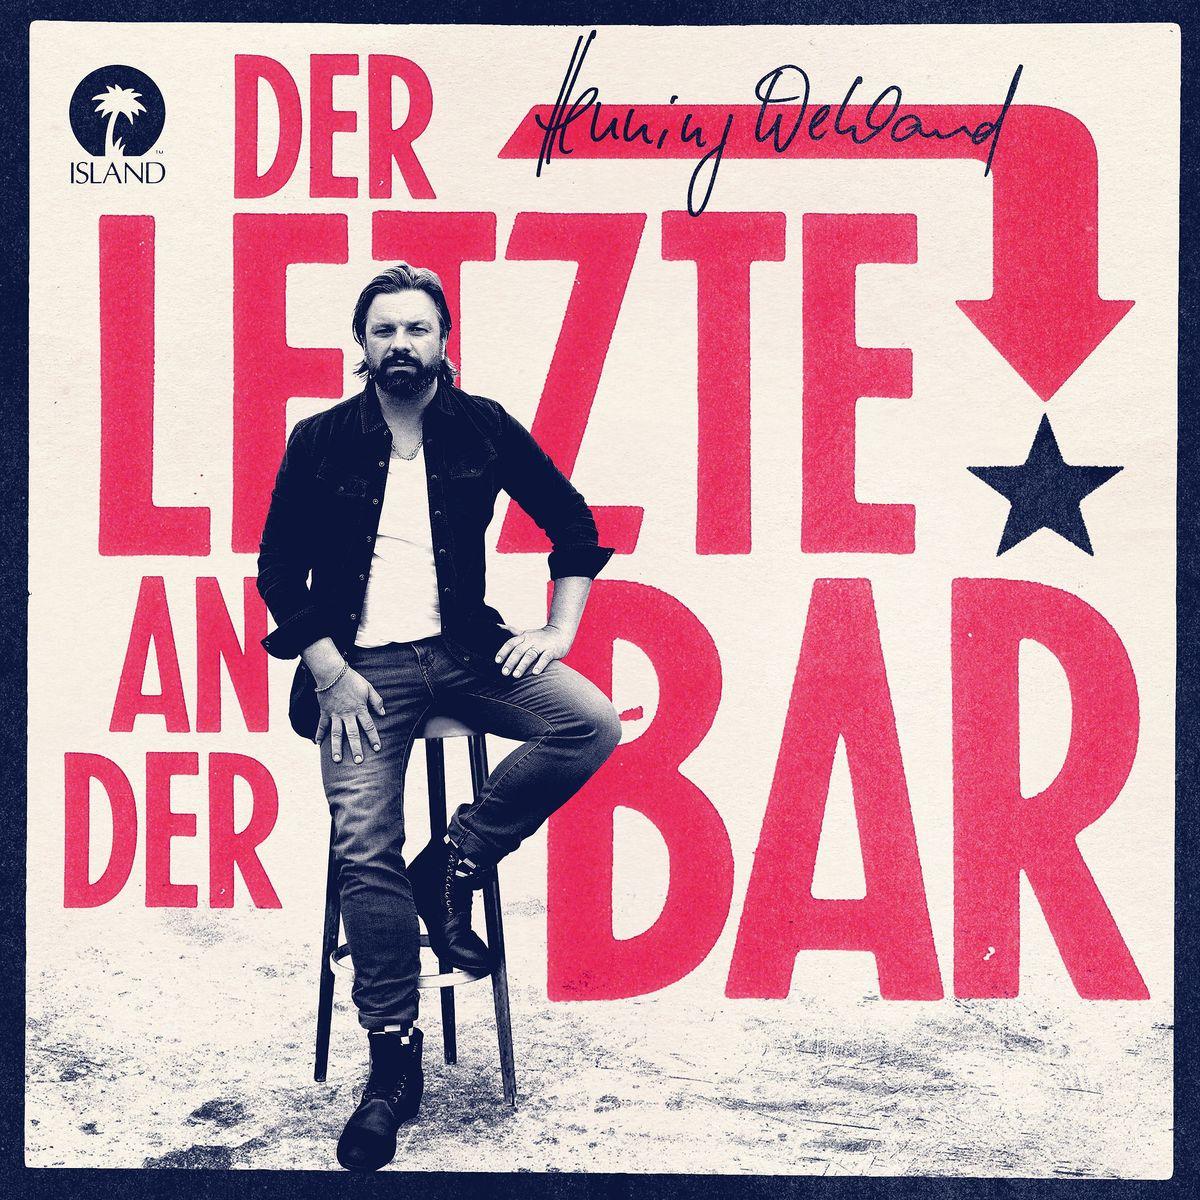 Der Letzte An Der Bar von Wehland,Henning - CD jetzt im Henning Wehland Shop